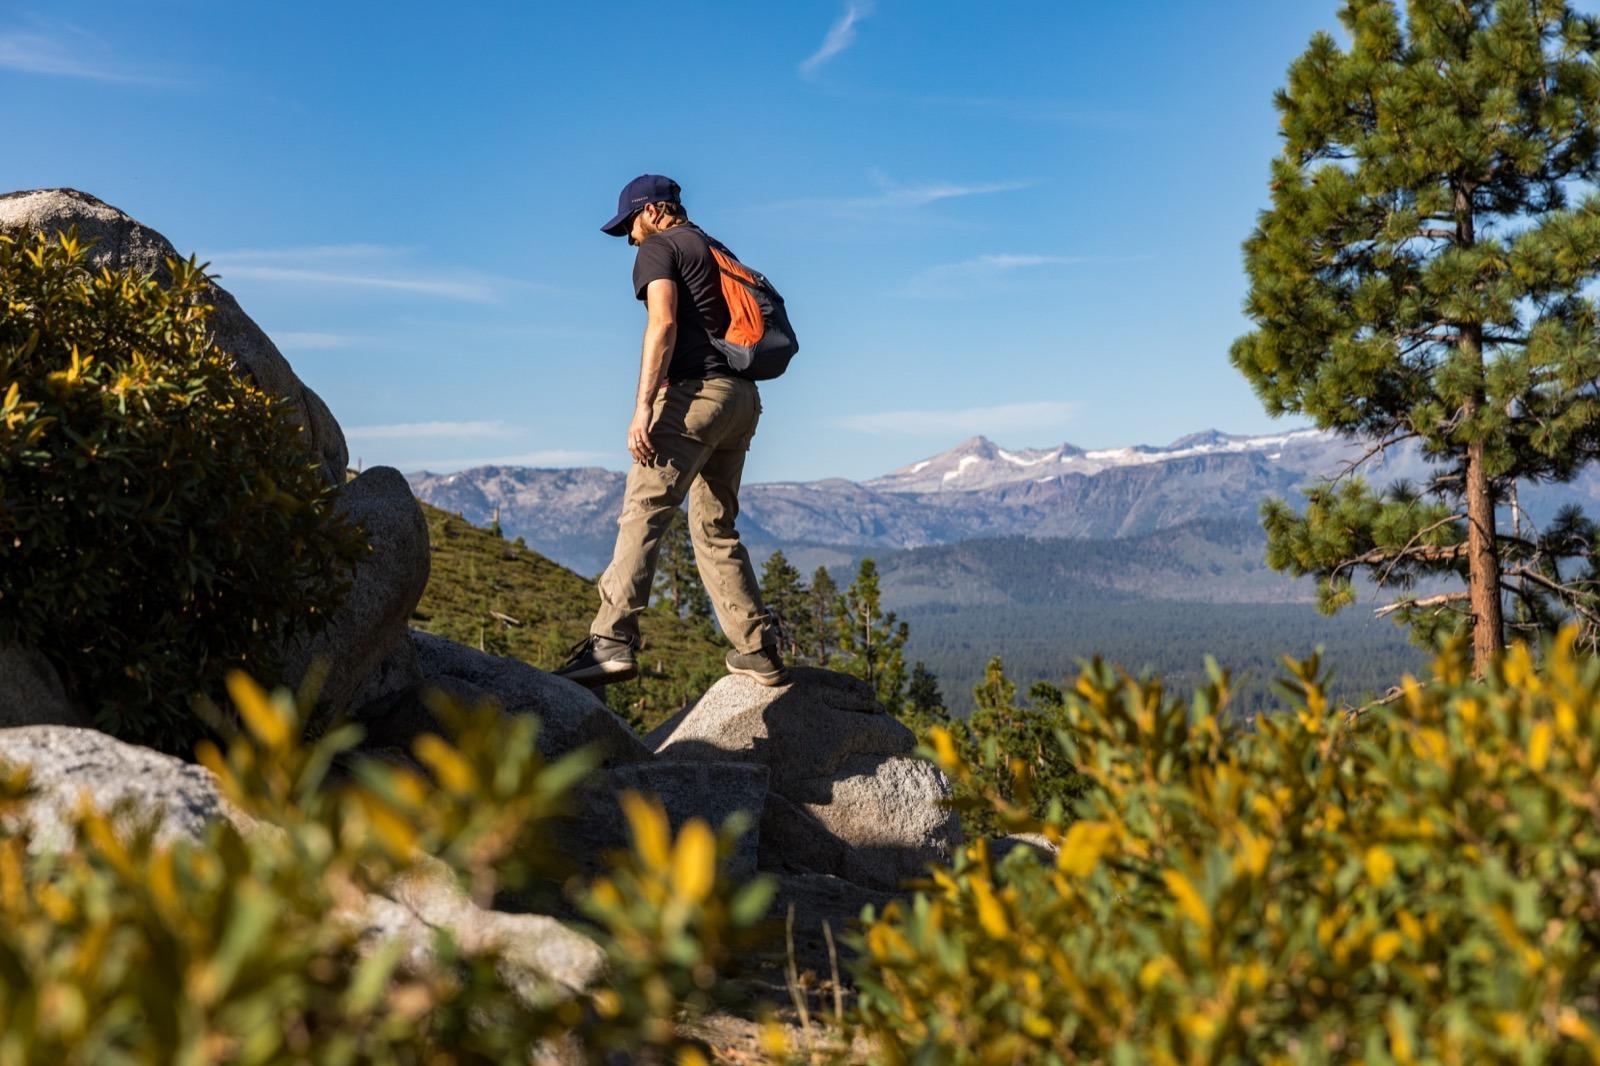 california-high-sierra-south-lake-tahoe-hiking-van-sickle-state-park-5